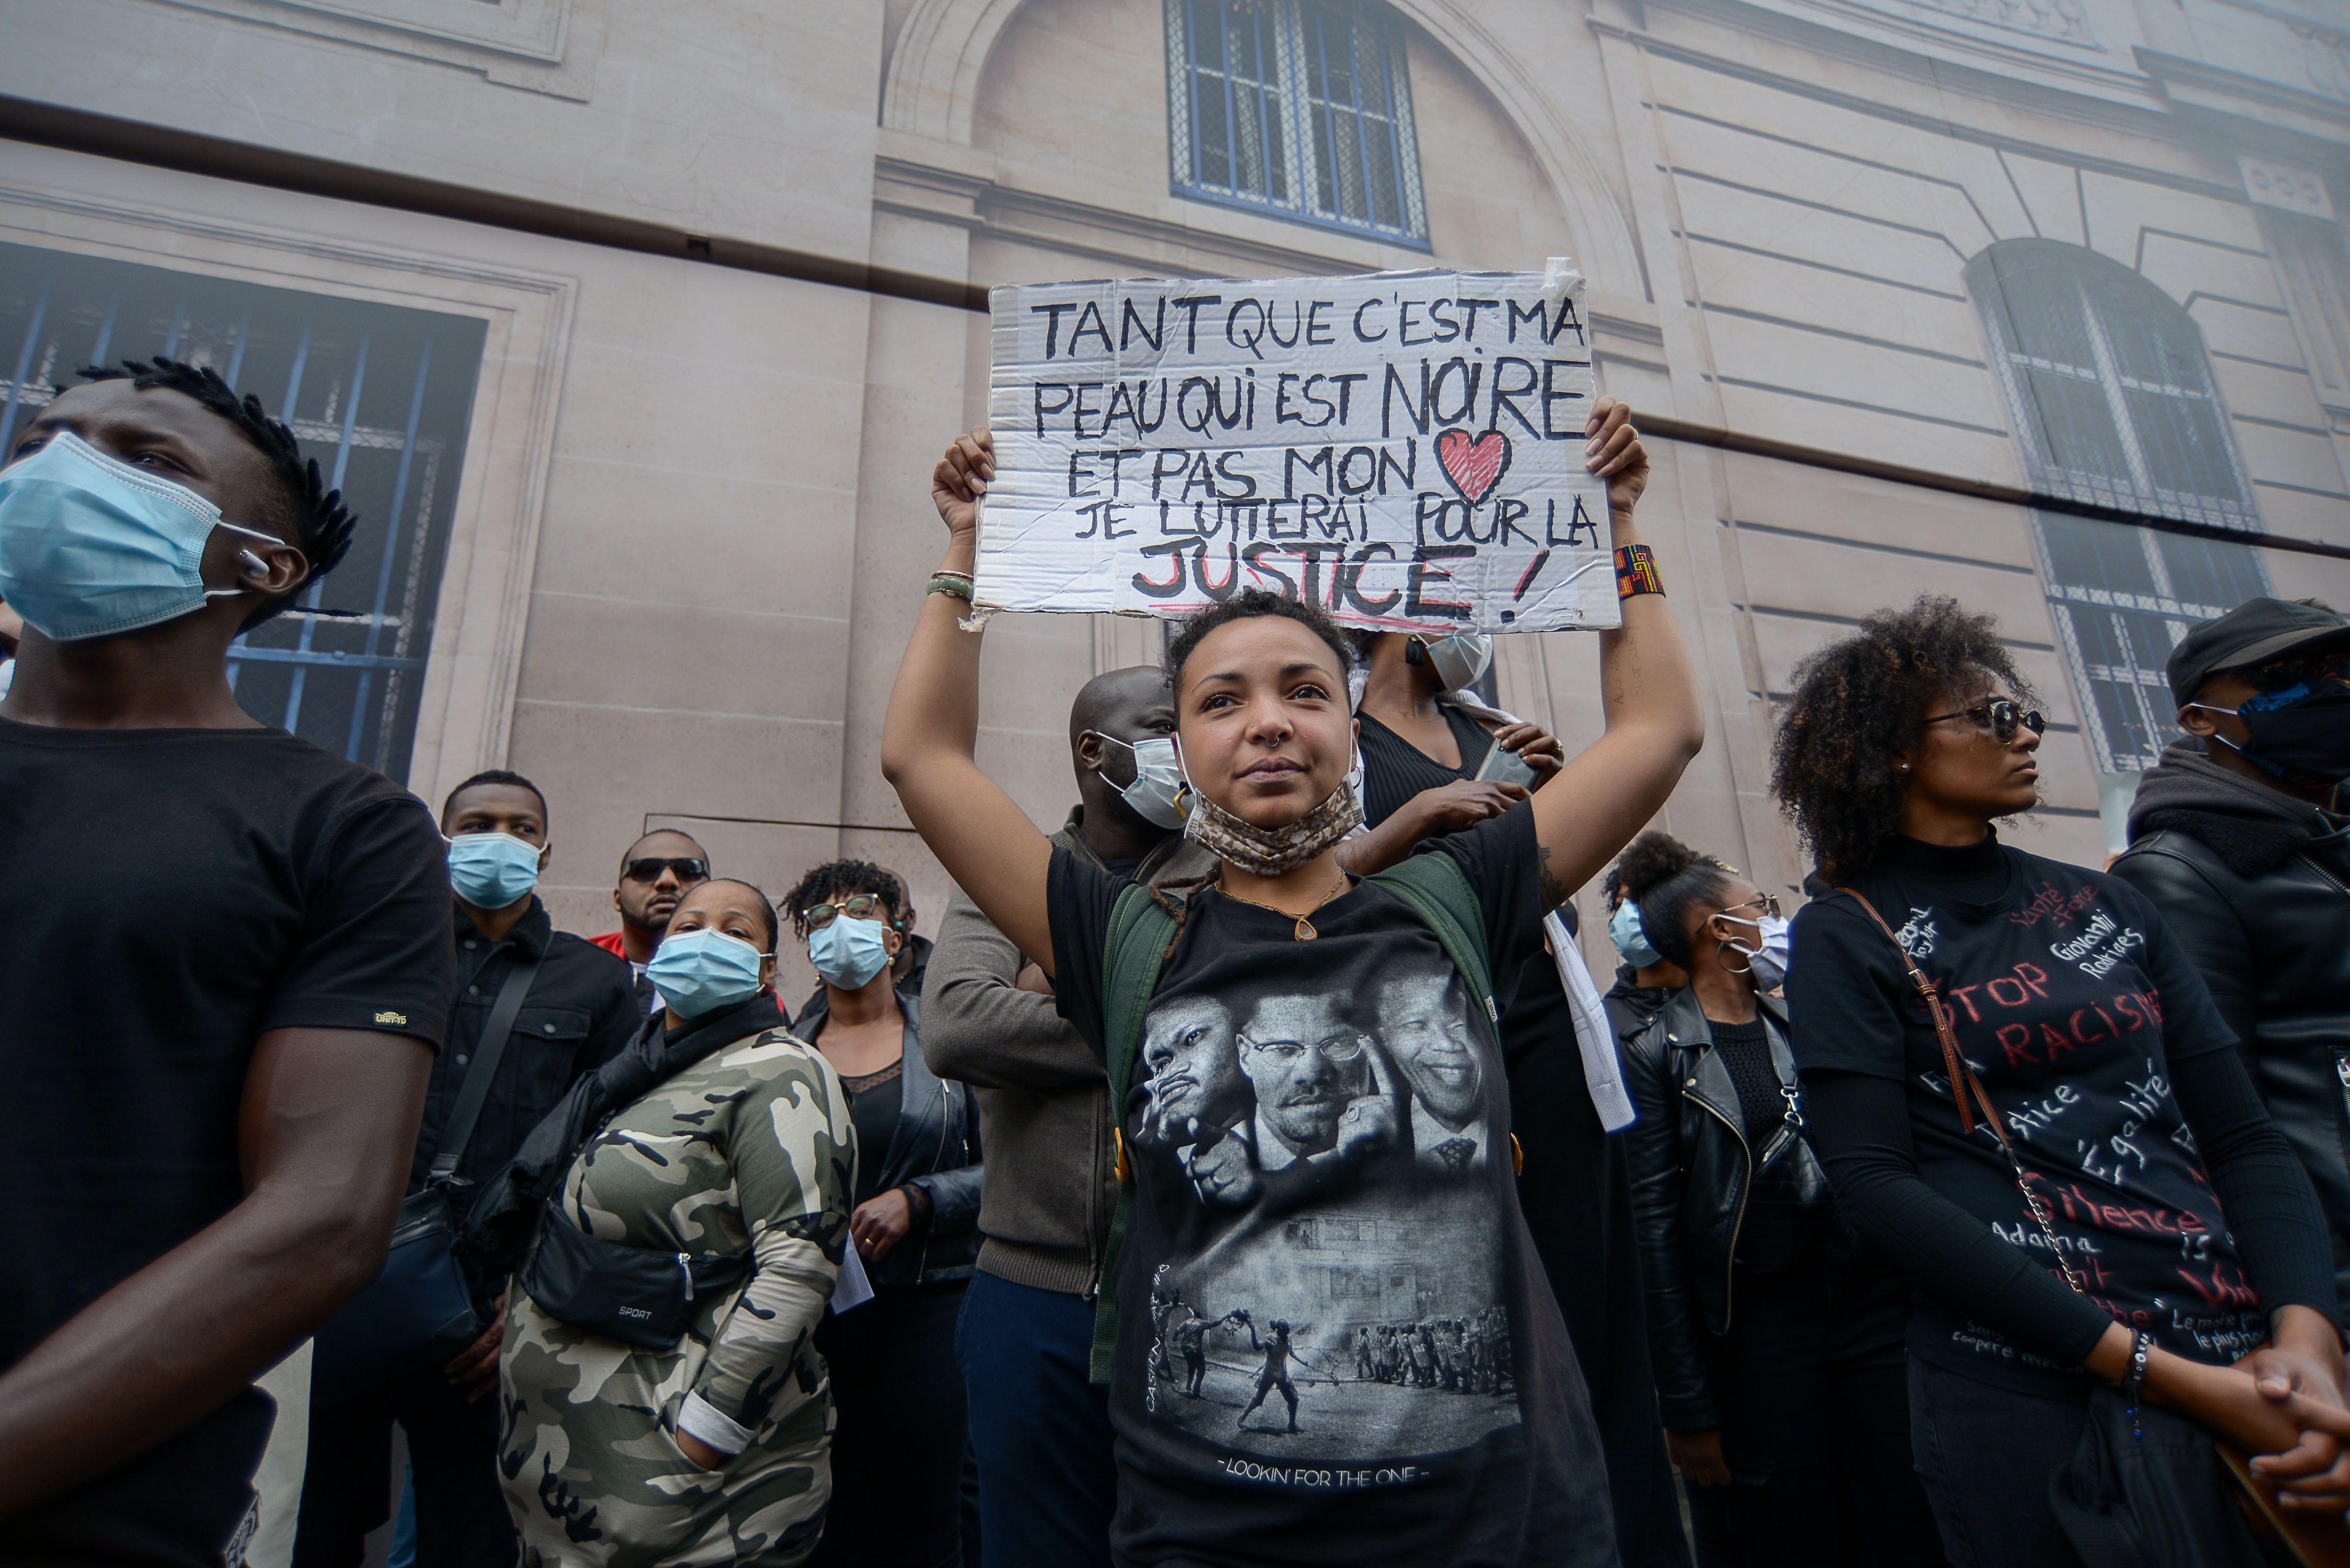 Un grand nombre de personnes se sont rassemblées le 6 juin 2020 place de la Concorde,à Paris, pour dénoncer les violences policières en France, réclamant justice pour Adama Traoré, justice pour tous et brandissant des pancartes Black Lives Matter.